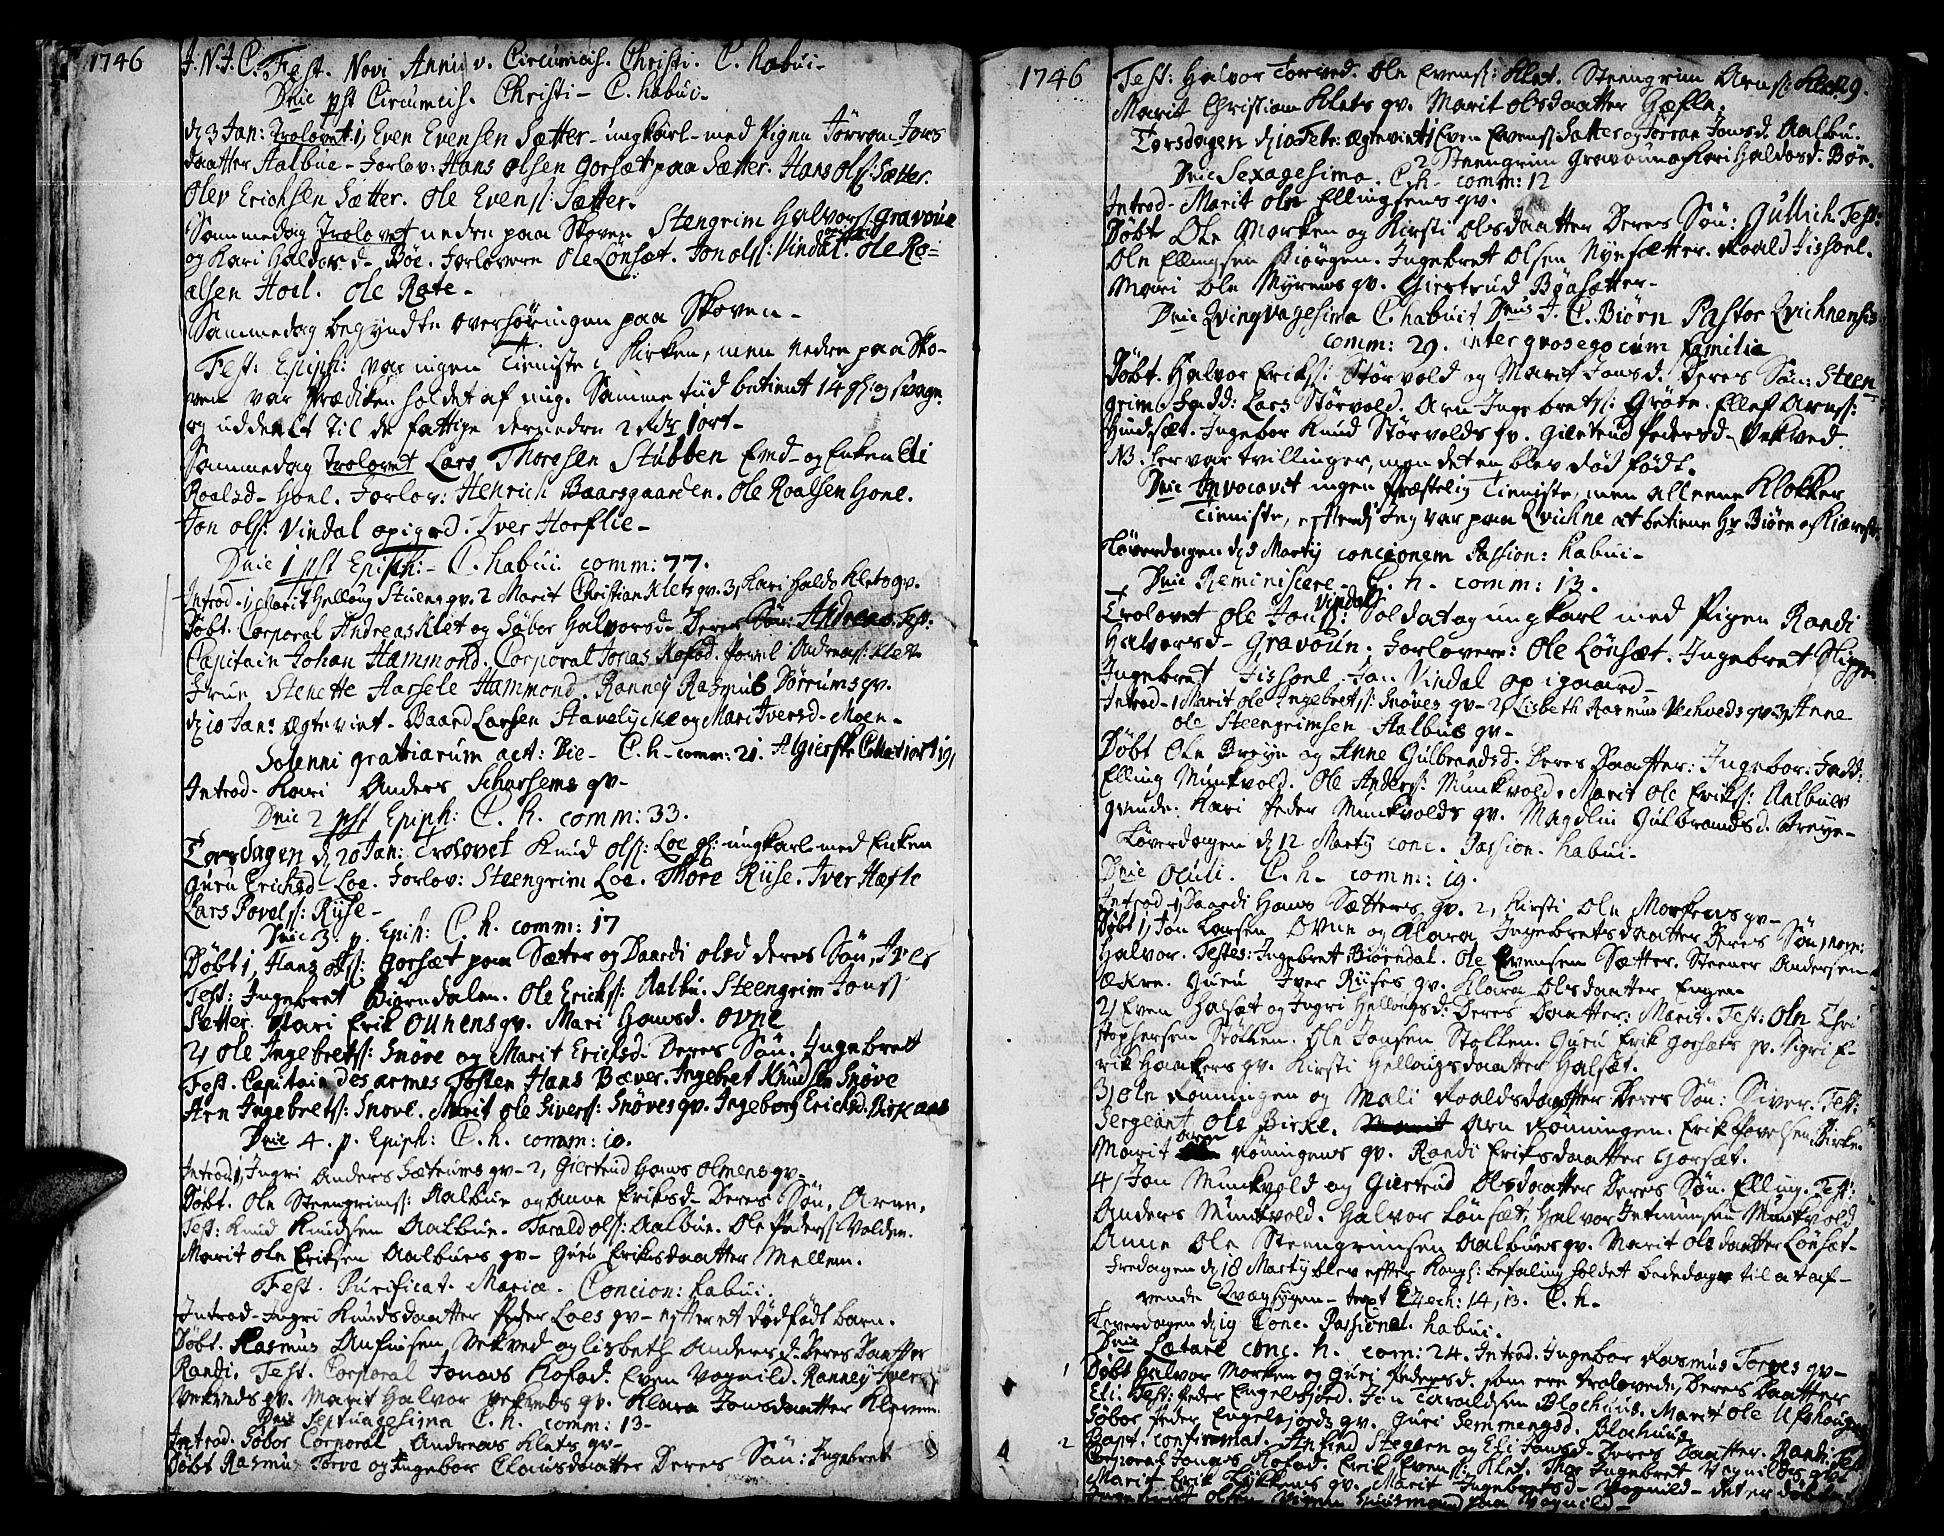 SAT, Ministerialprotokoller, klokkerbøker og fødselsregistre - Sør-Trøndelag, 678/L0891: Ministerialbok nr. 678A01, 1739-1780, s. 29